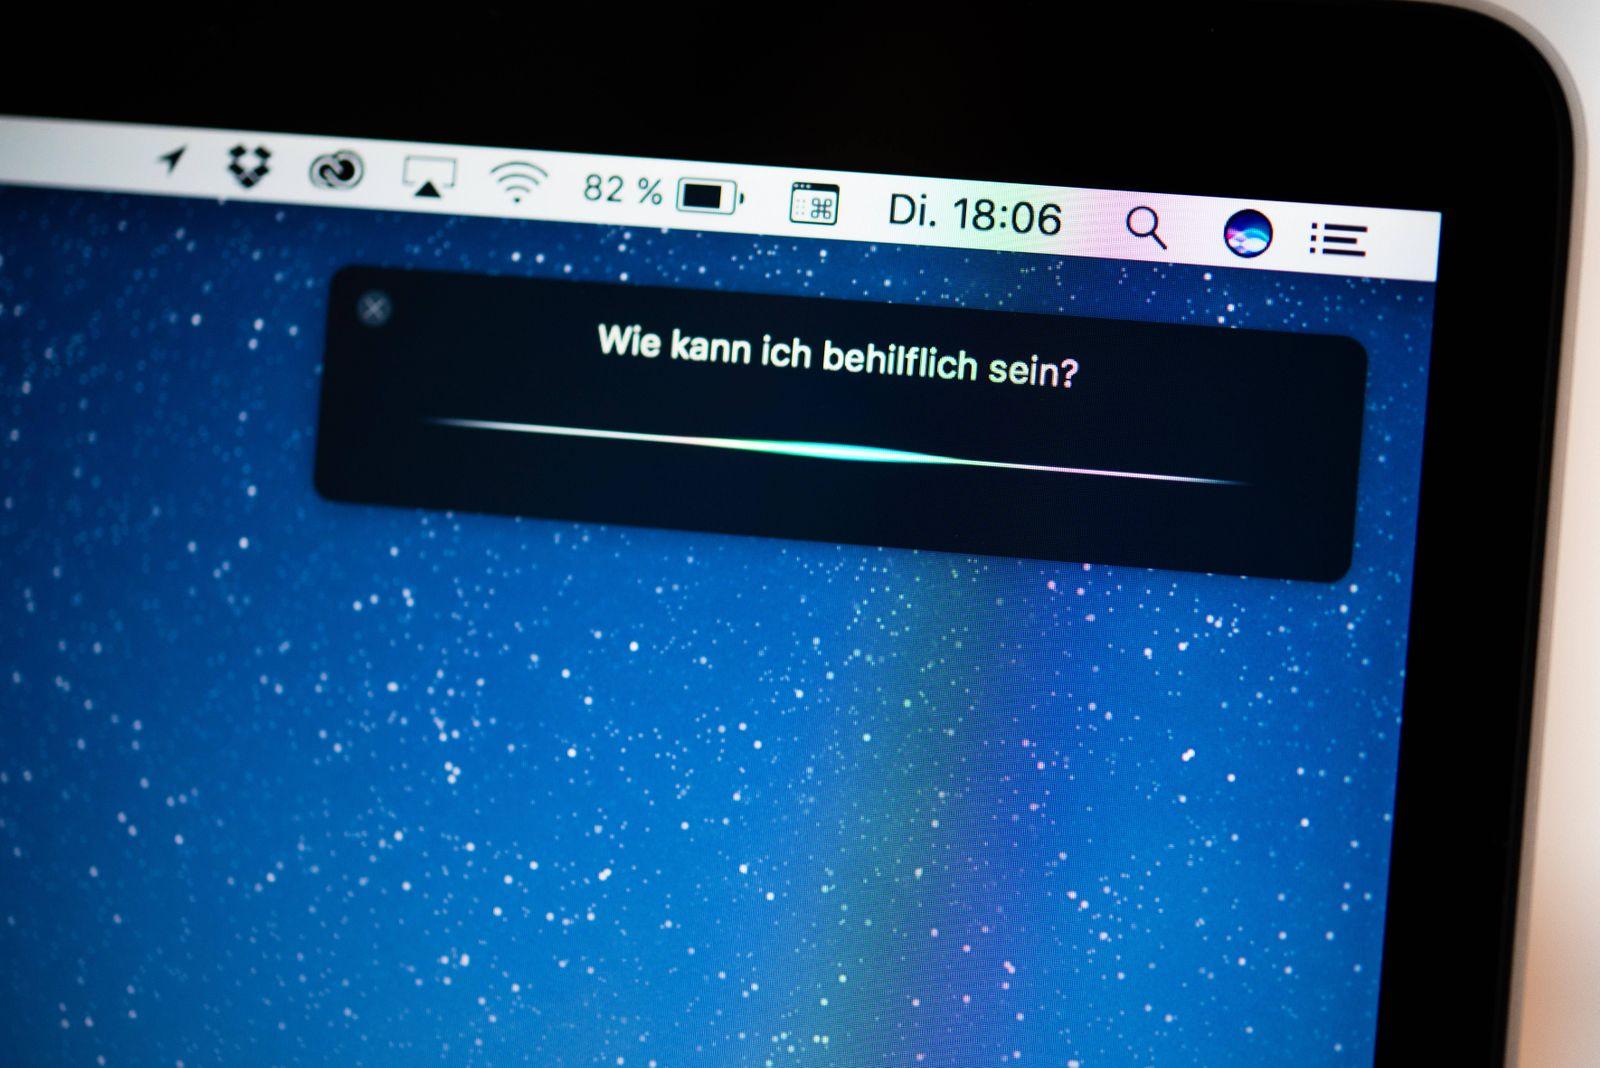 Siri Sprachassistent von Apple Bildschirmfoto Detail Copyright imageBROKER NathaliexLieckfeld ib